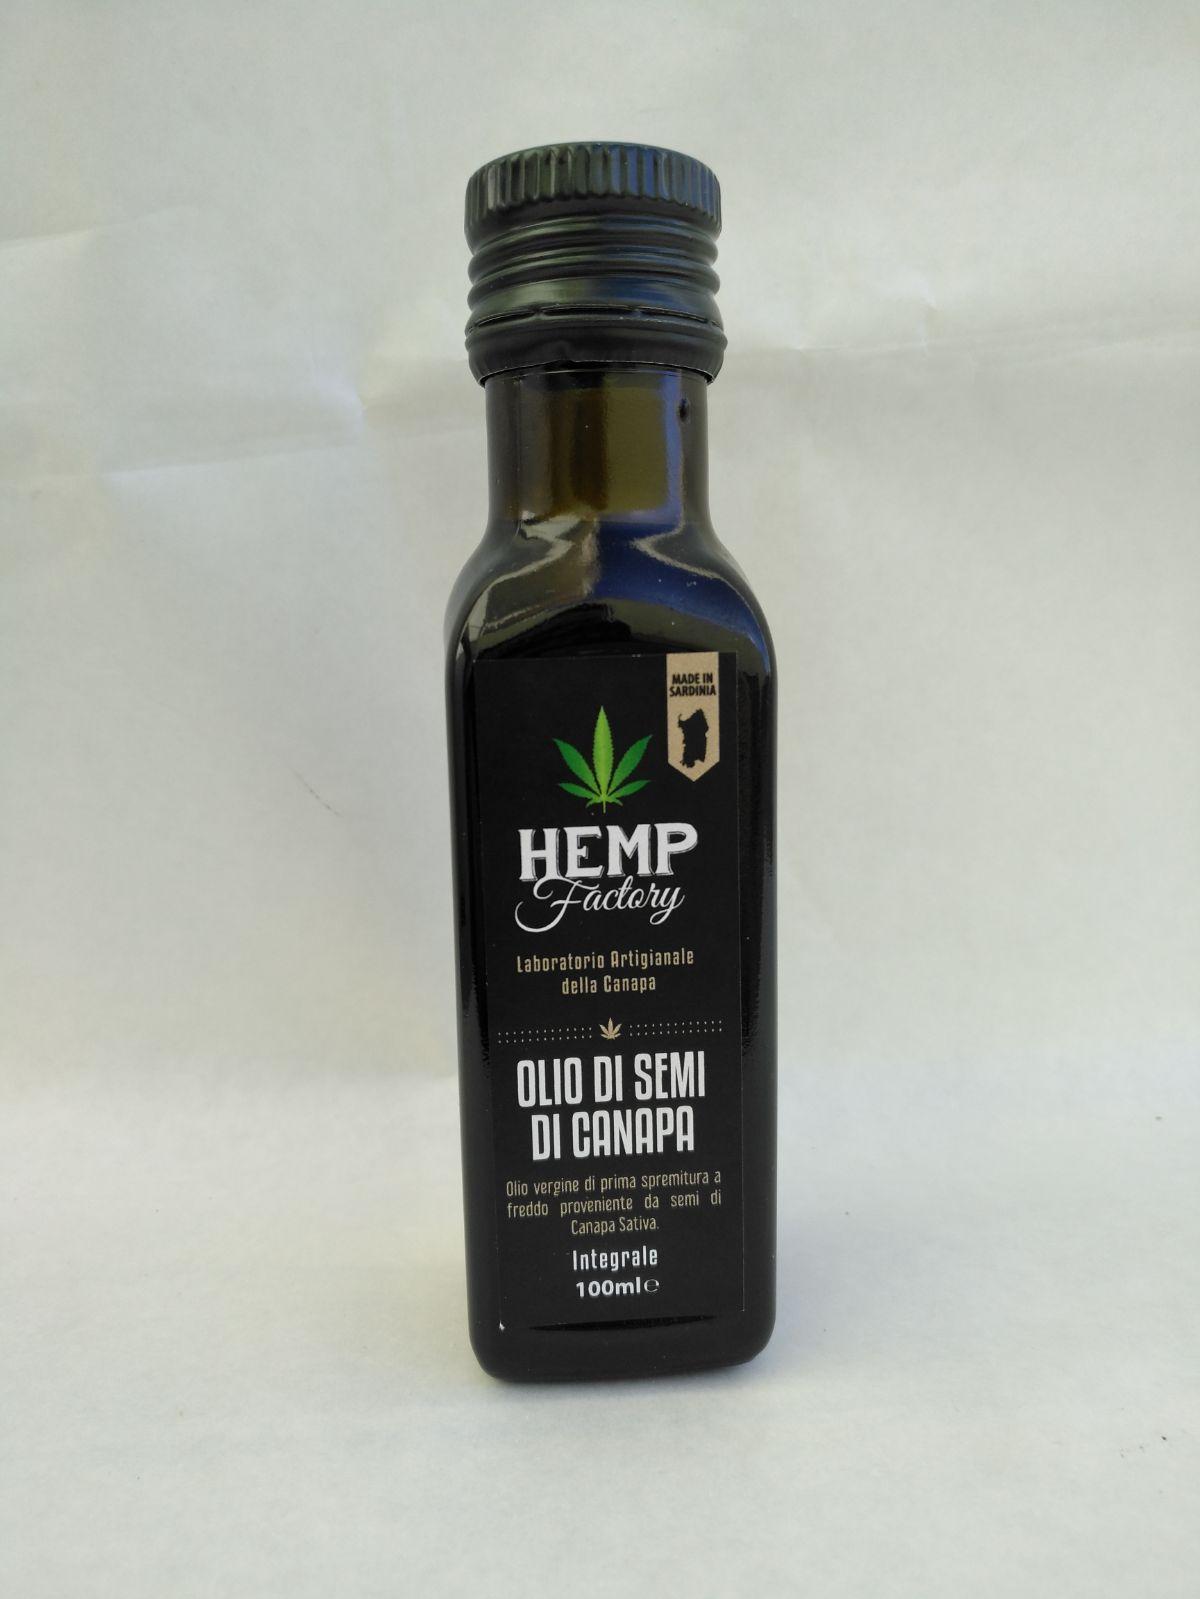 olio di canapa hemp factory fronte